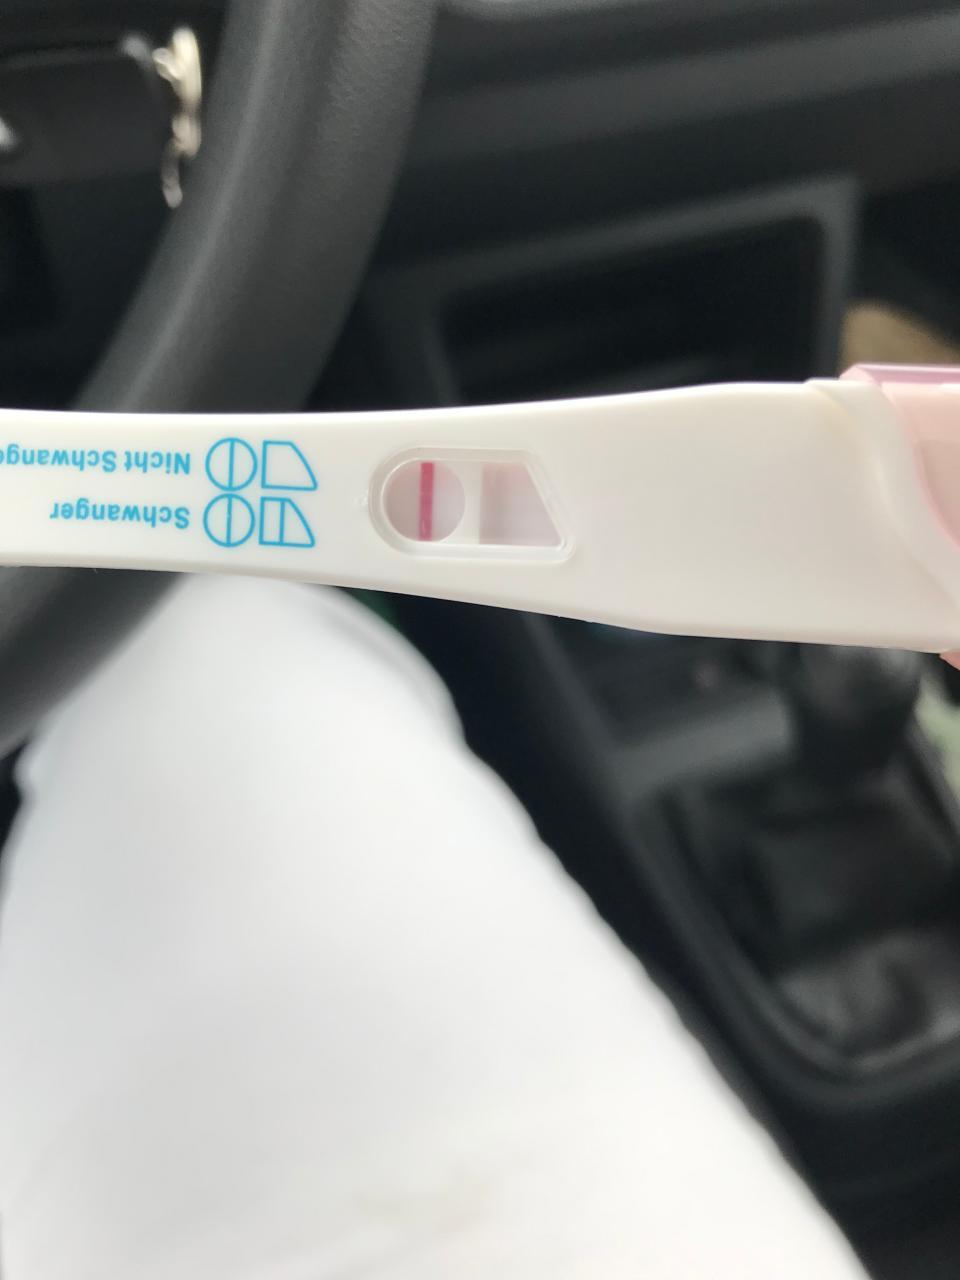 2 wochen überfällig aber nicht schwanger